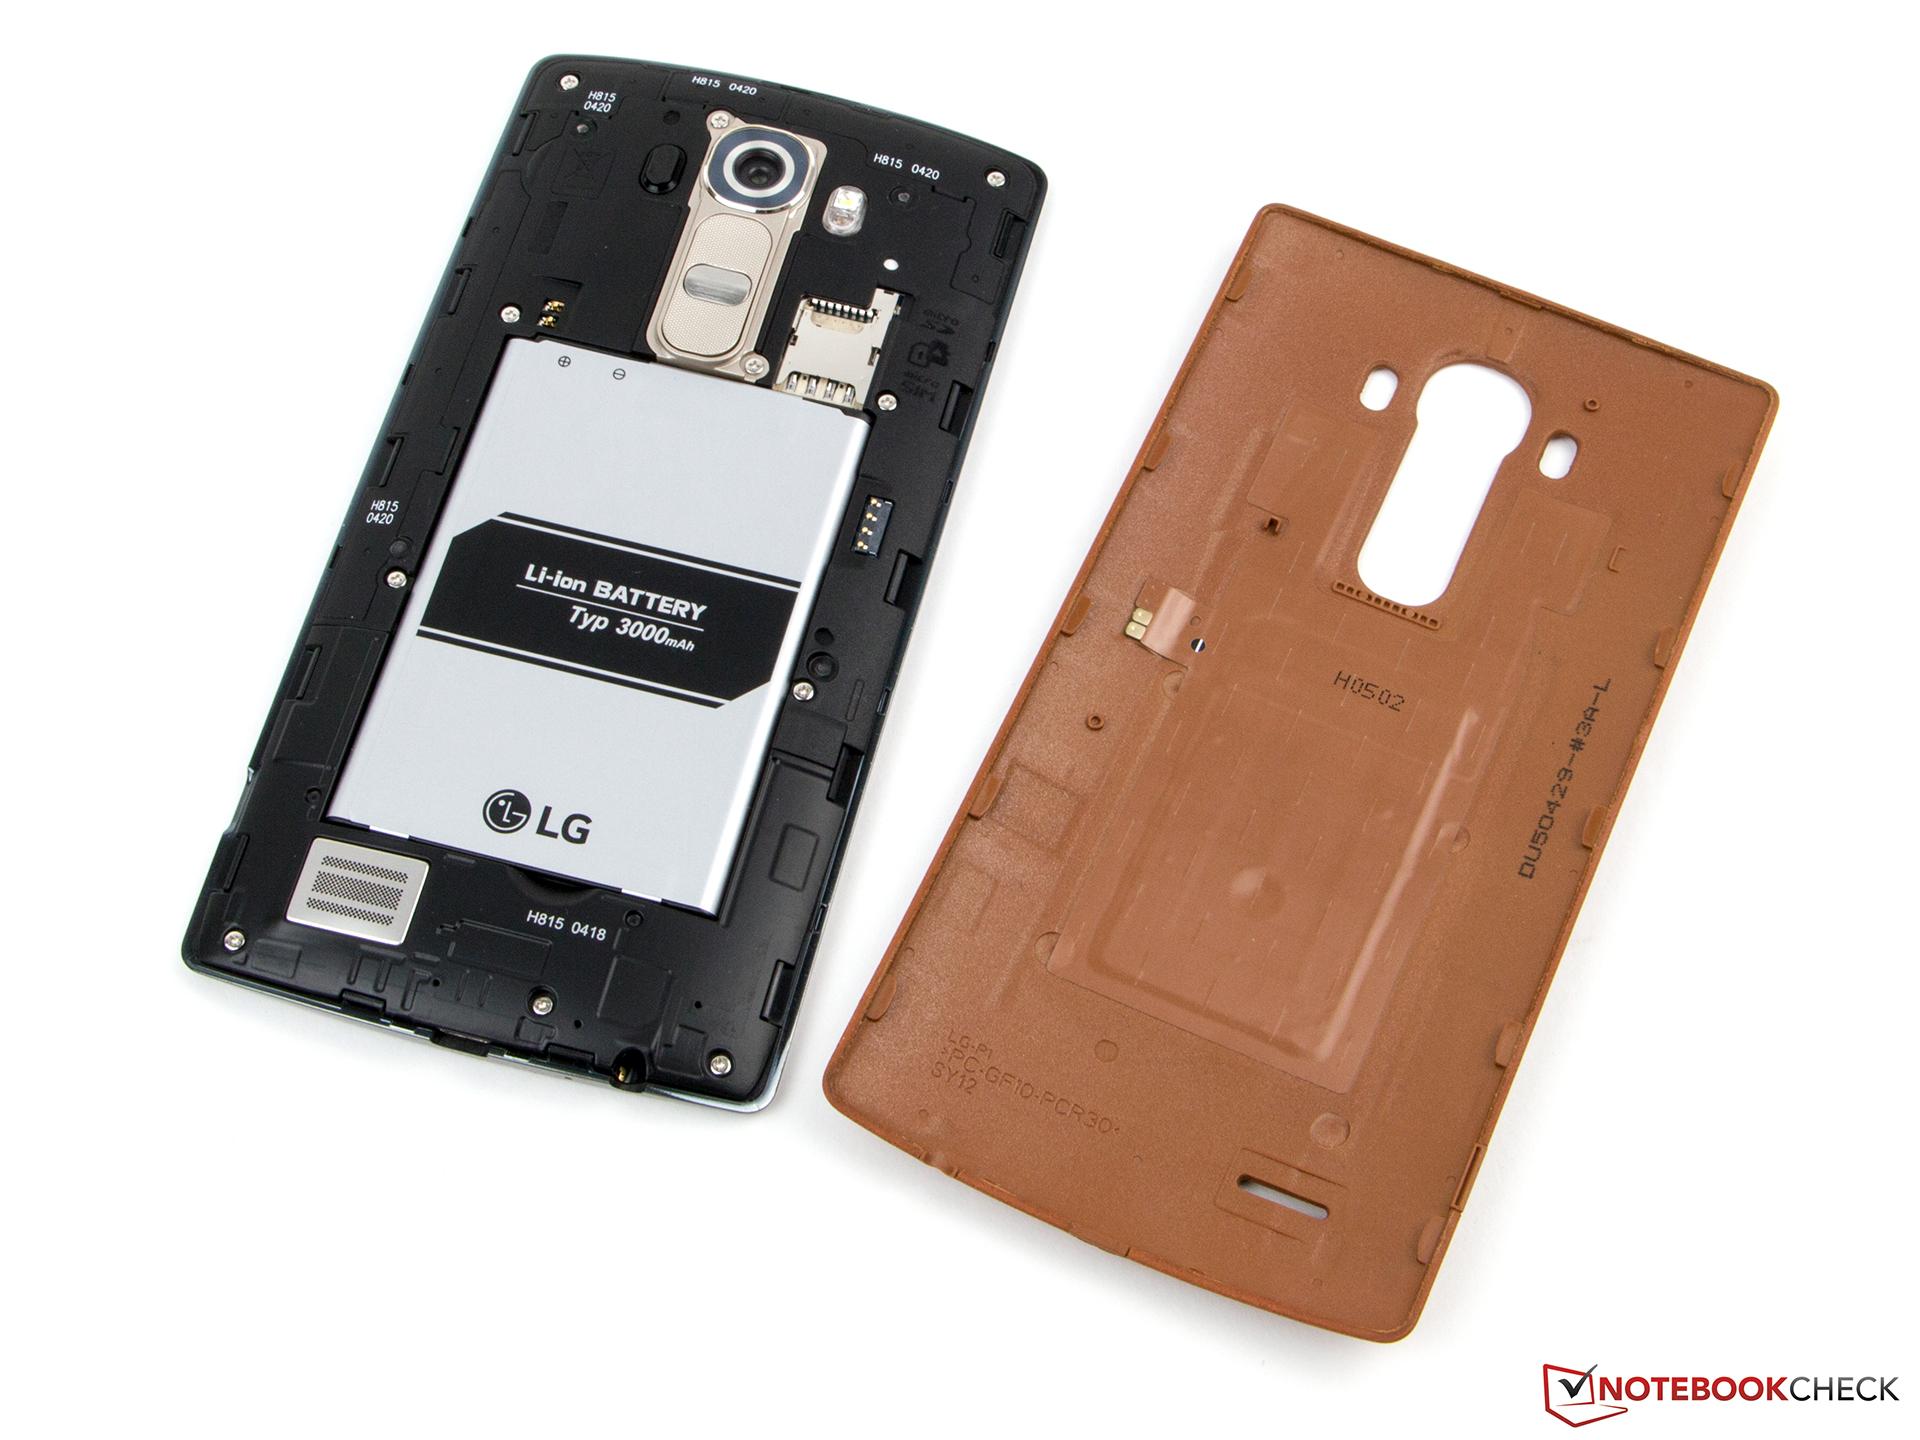 Lg g4 smartphone lg deutschland -  Resolution